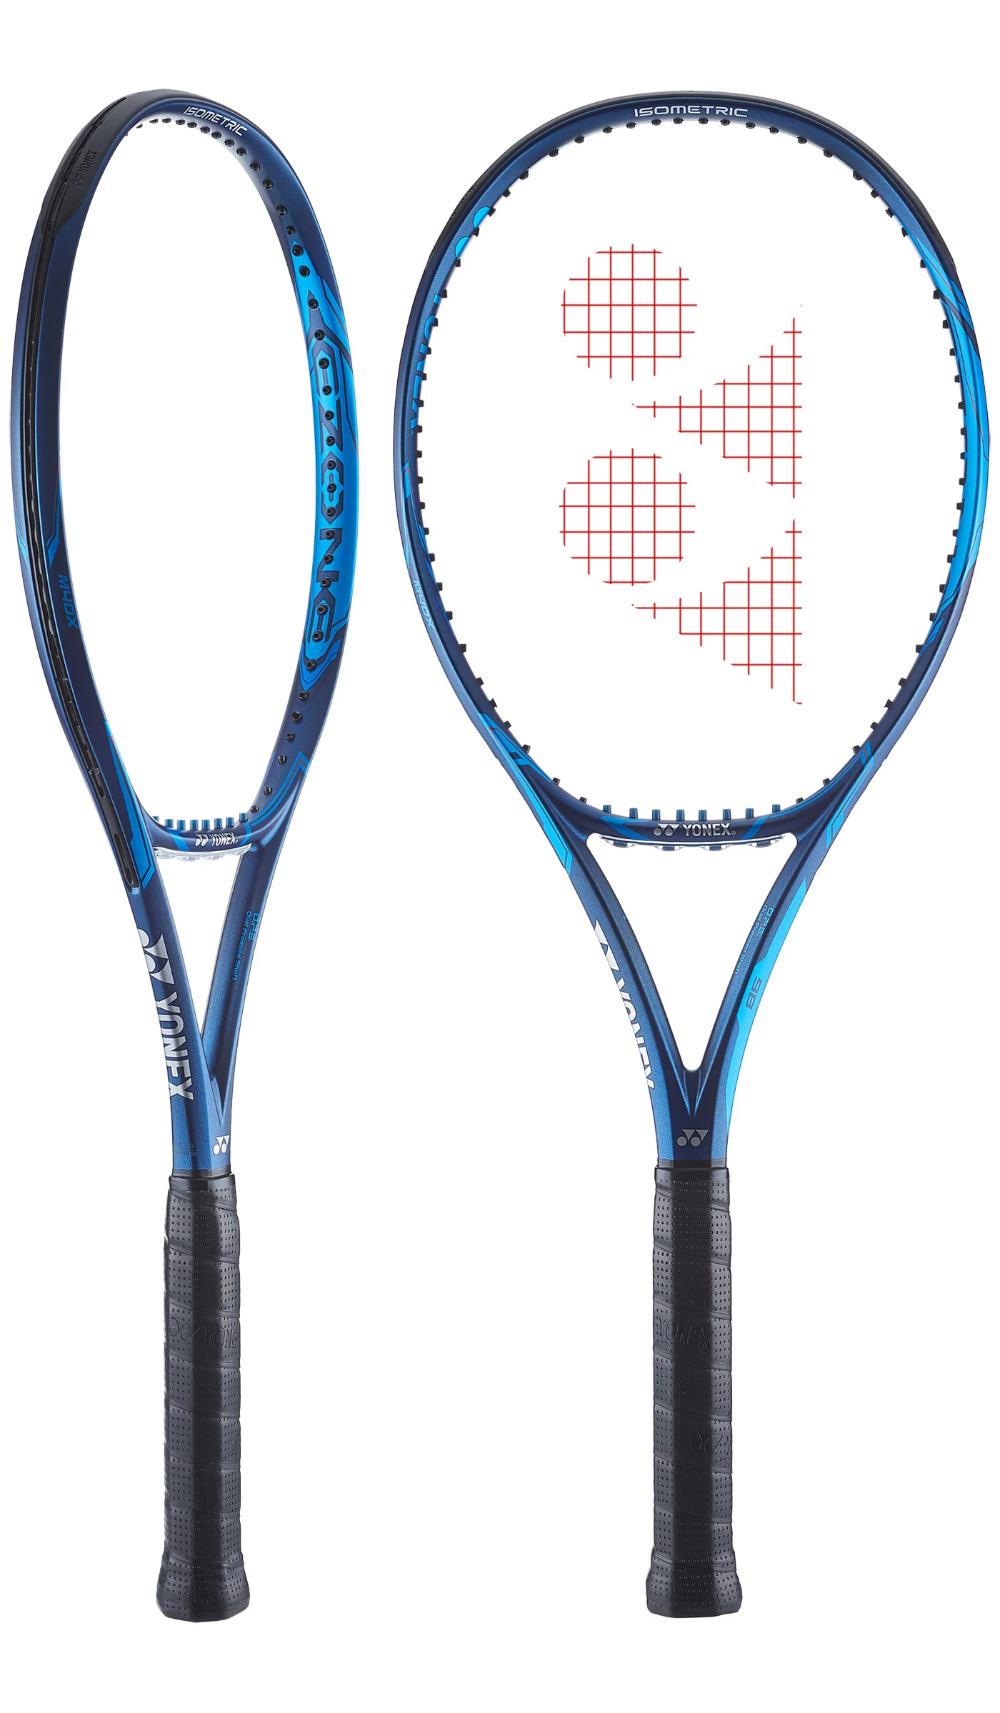 Yonex Ezone 98 Racquets In 2020 Yonex Racquets Tennis Racquet